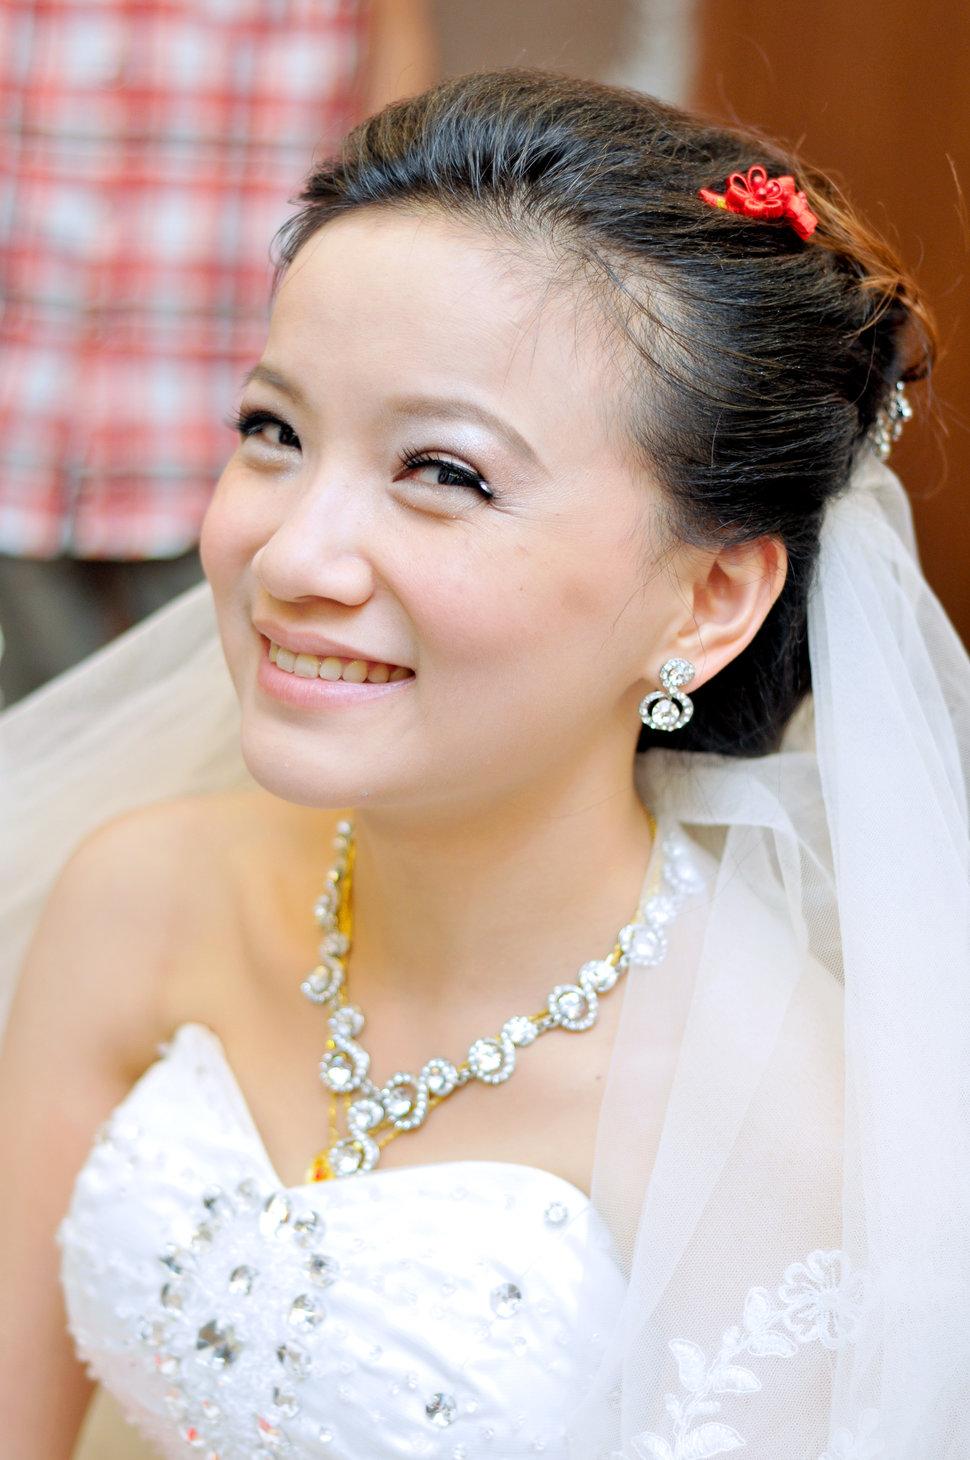 登璿&湘敏 迎娶_062 - 克里斯 婚禮紀錄 - 結婚吧